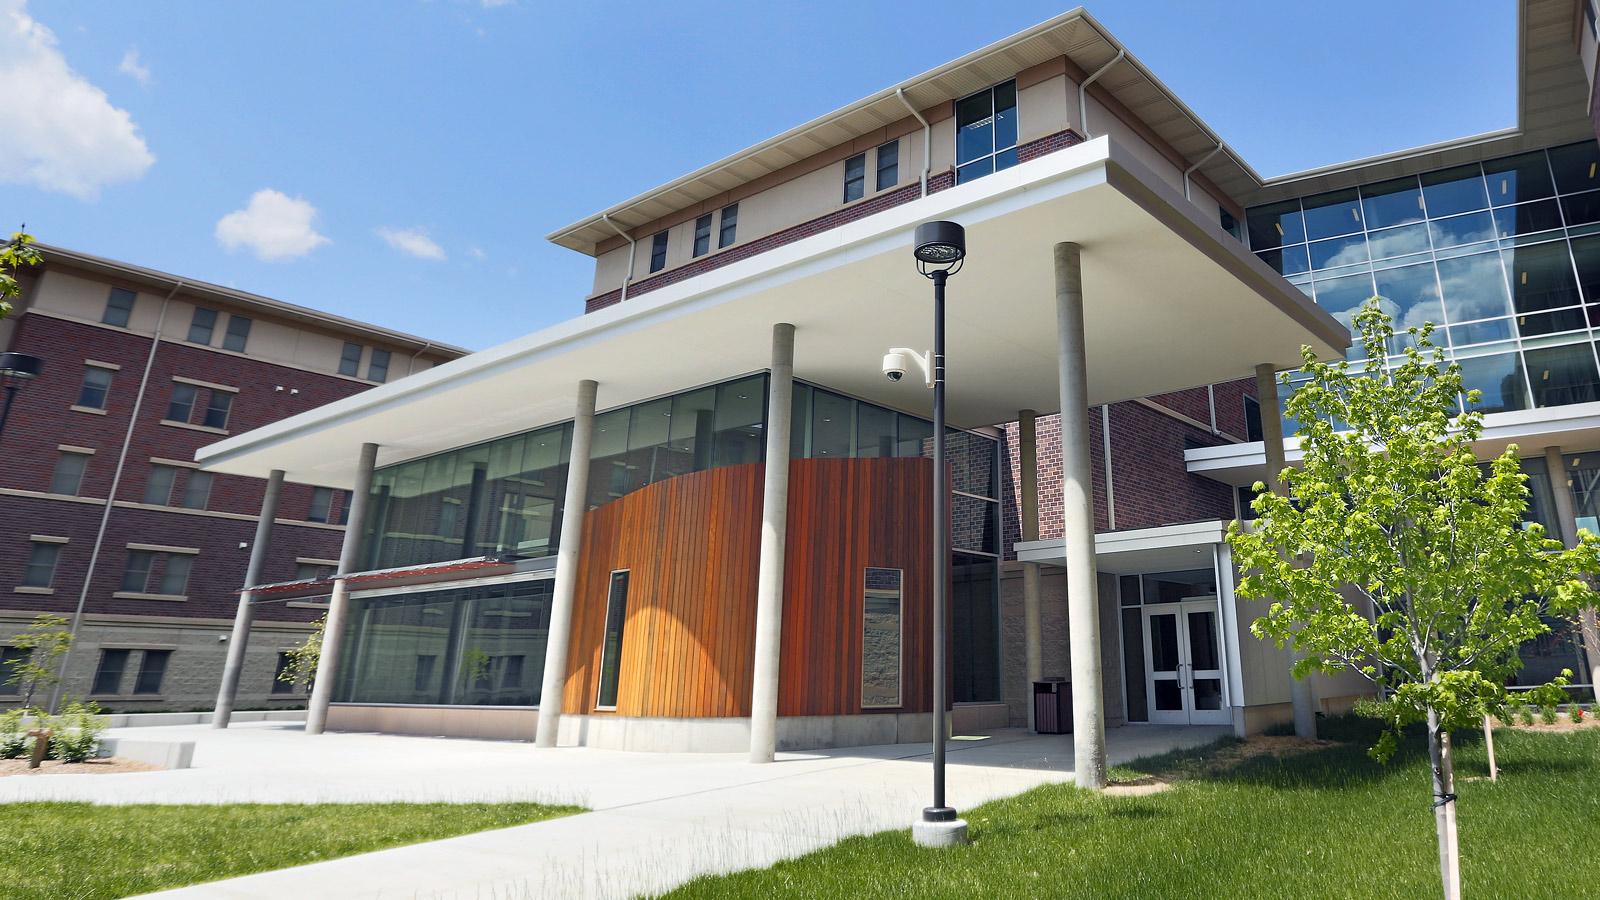 University Suites main entrance image